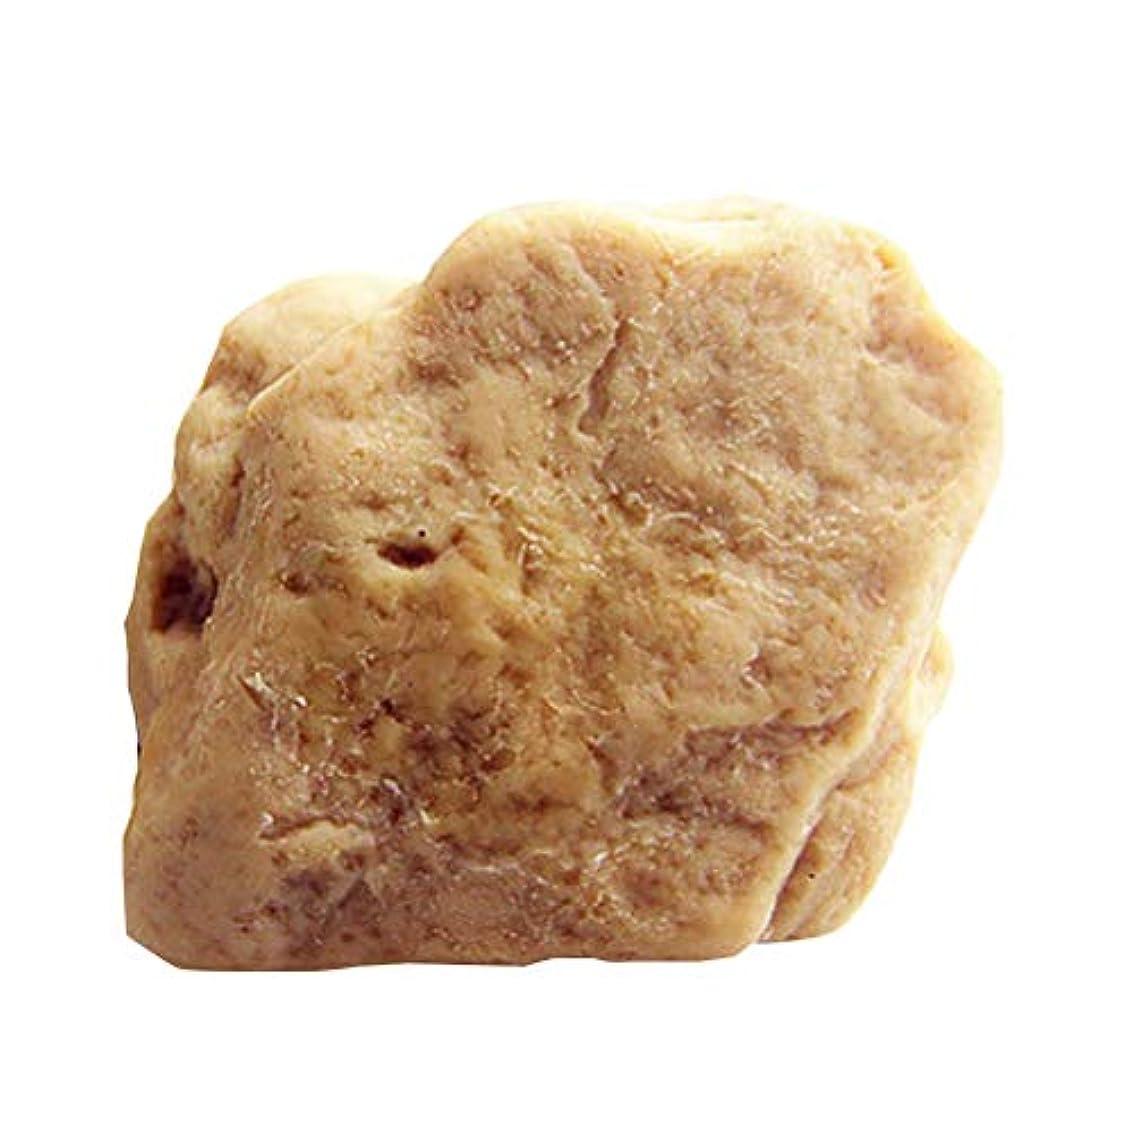 解任公爵夫人路地Creacom オリーブオイル 石鹸 肌に優しい無添加 毛穴 対策 洗顔石鹸 保湿 固形 毛穴 黒ずみ 肌荒れ くすみ ニキビ 美白 美肌 角質除去 肌荒れ 乾燥肌 オイル肌 混合肌 対策 全身可能